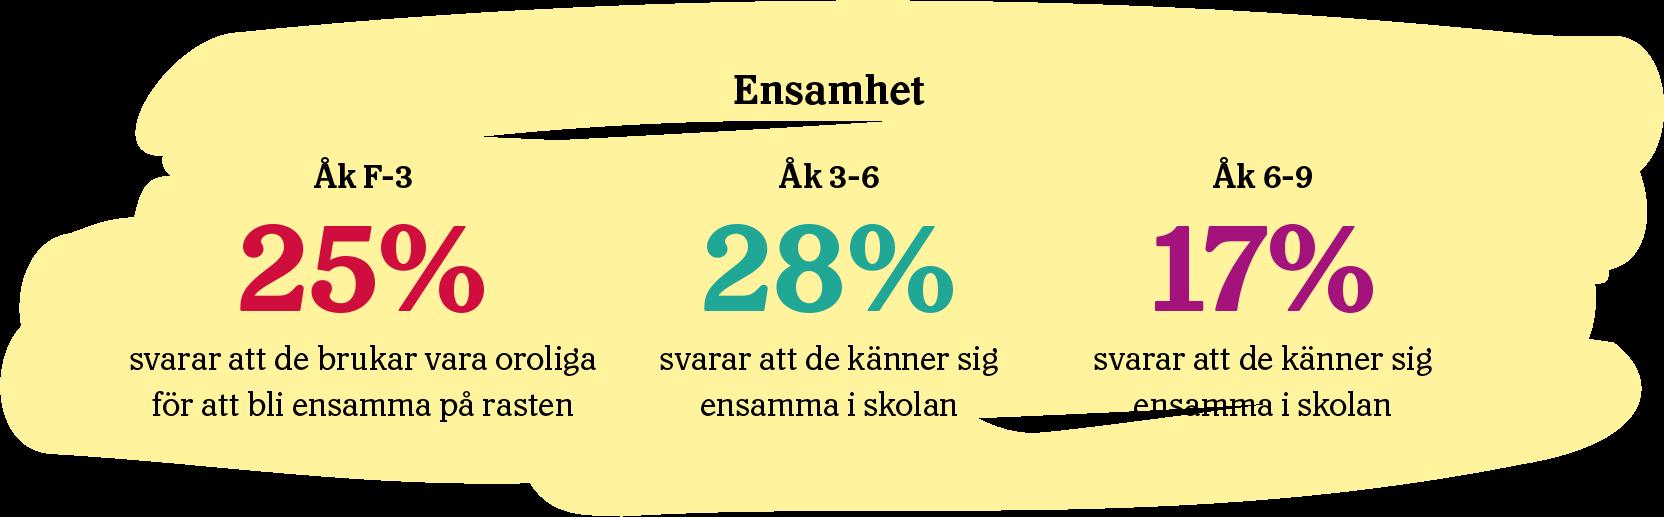 I åk F-3 svarar 25% att de brukar vara oroliga för att bli ensamma på rasten. Åk 3-6 svarar 28% att de känner sig ensamma i skolan. I Åk 6-9 svarar 17% att de känner sig ensamma i skolan.